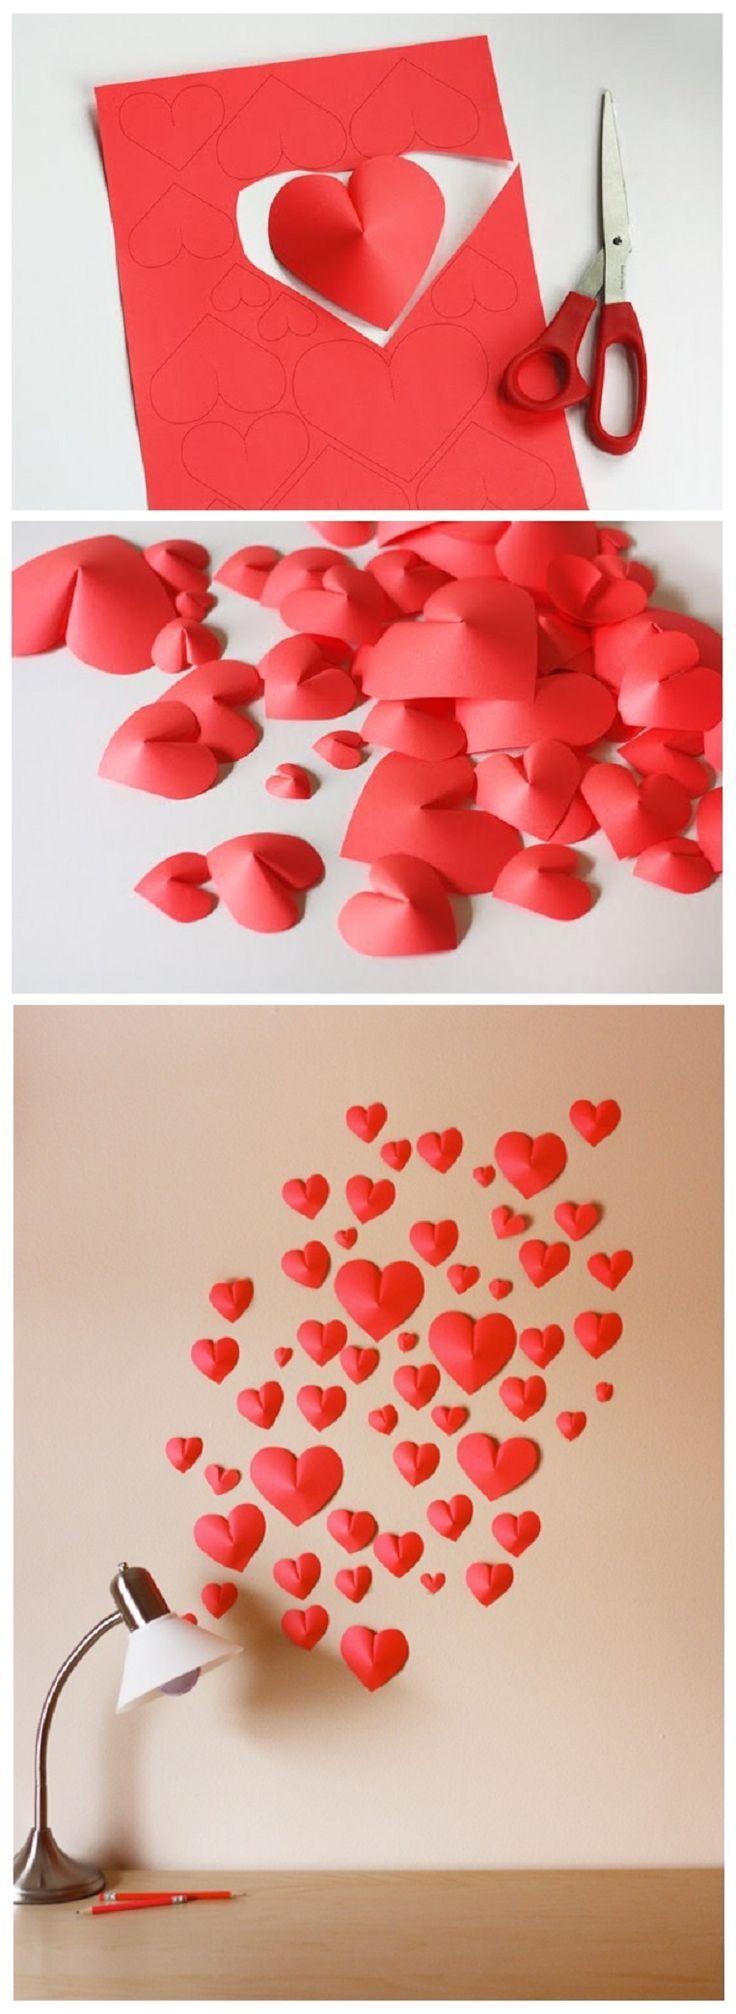 DIY-Projekte zum Valentinstag